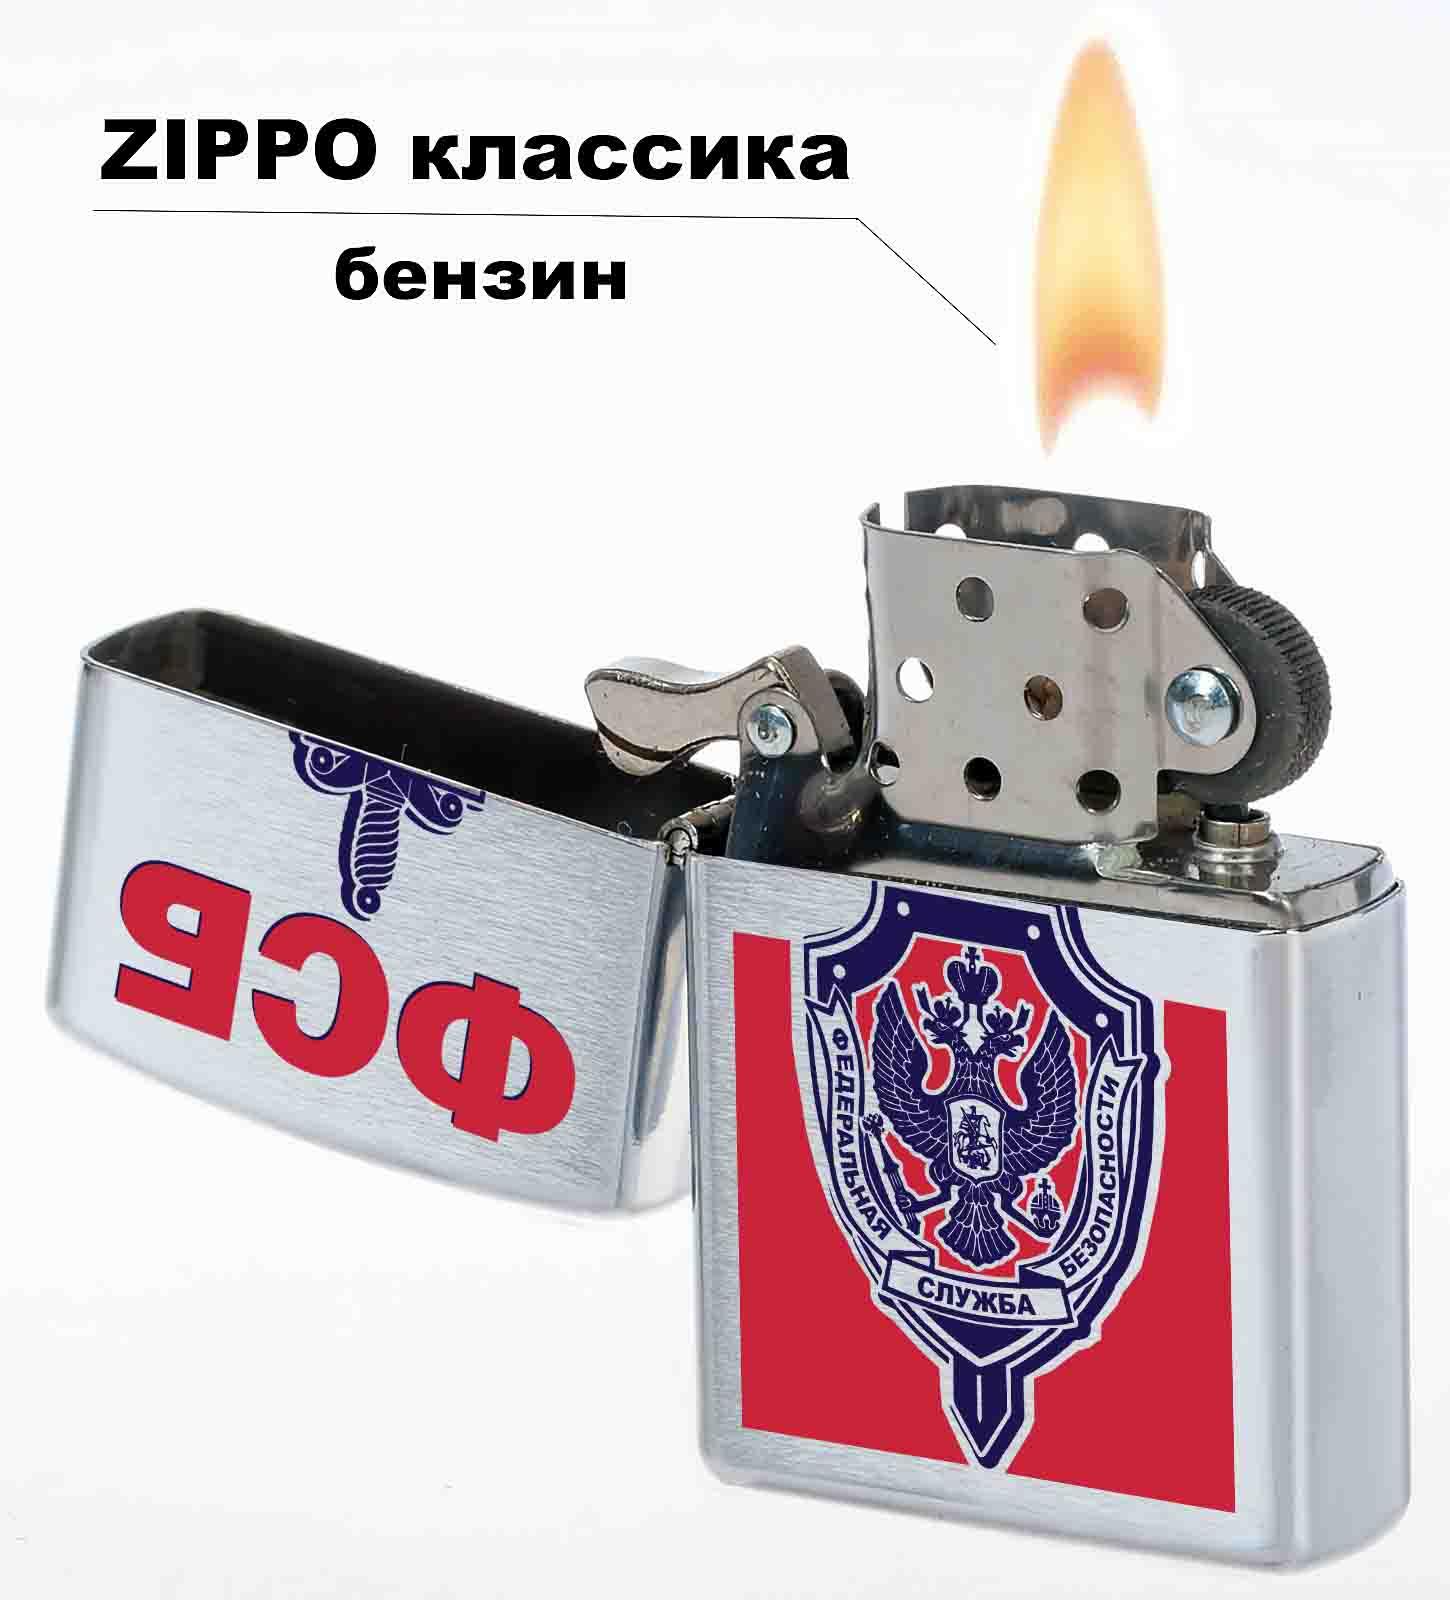 Достойная зажигалка с эмблемой ФСБ бензиновая